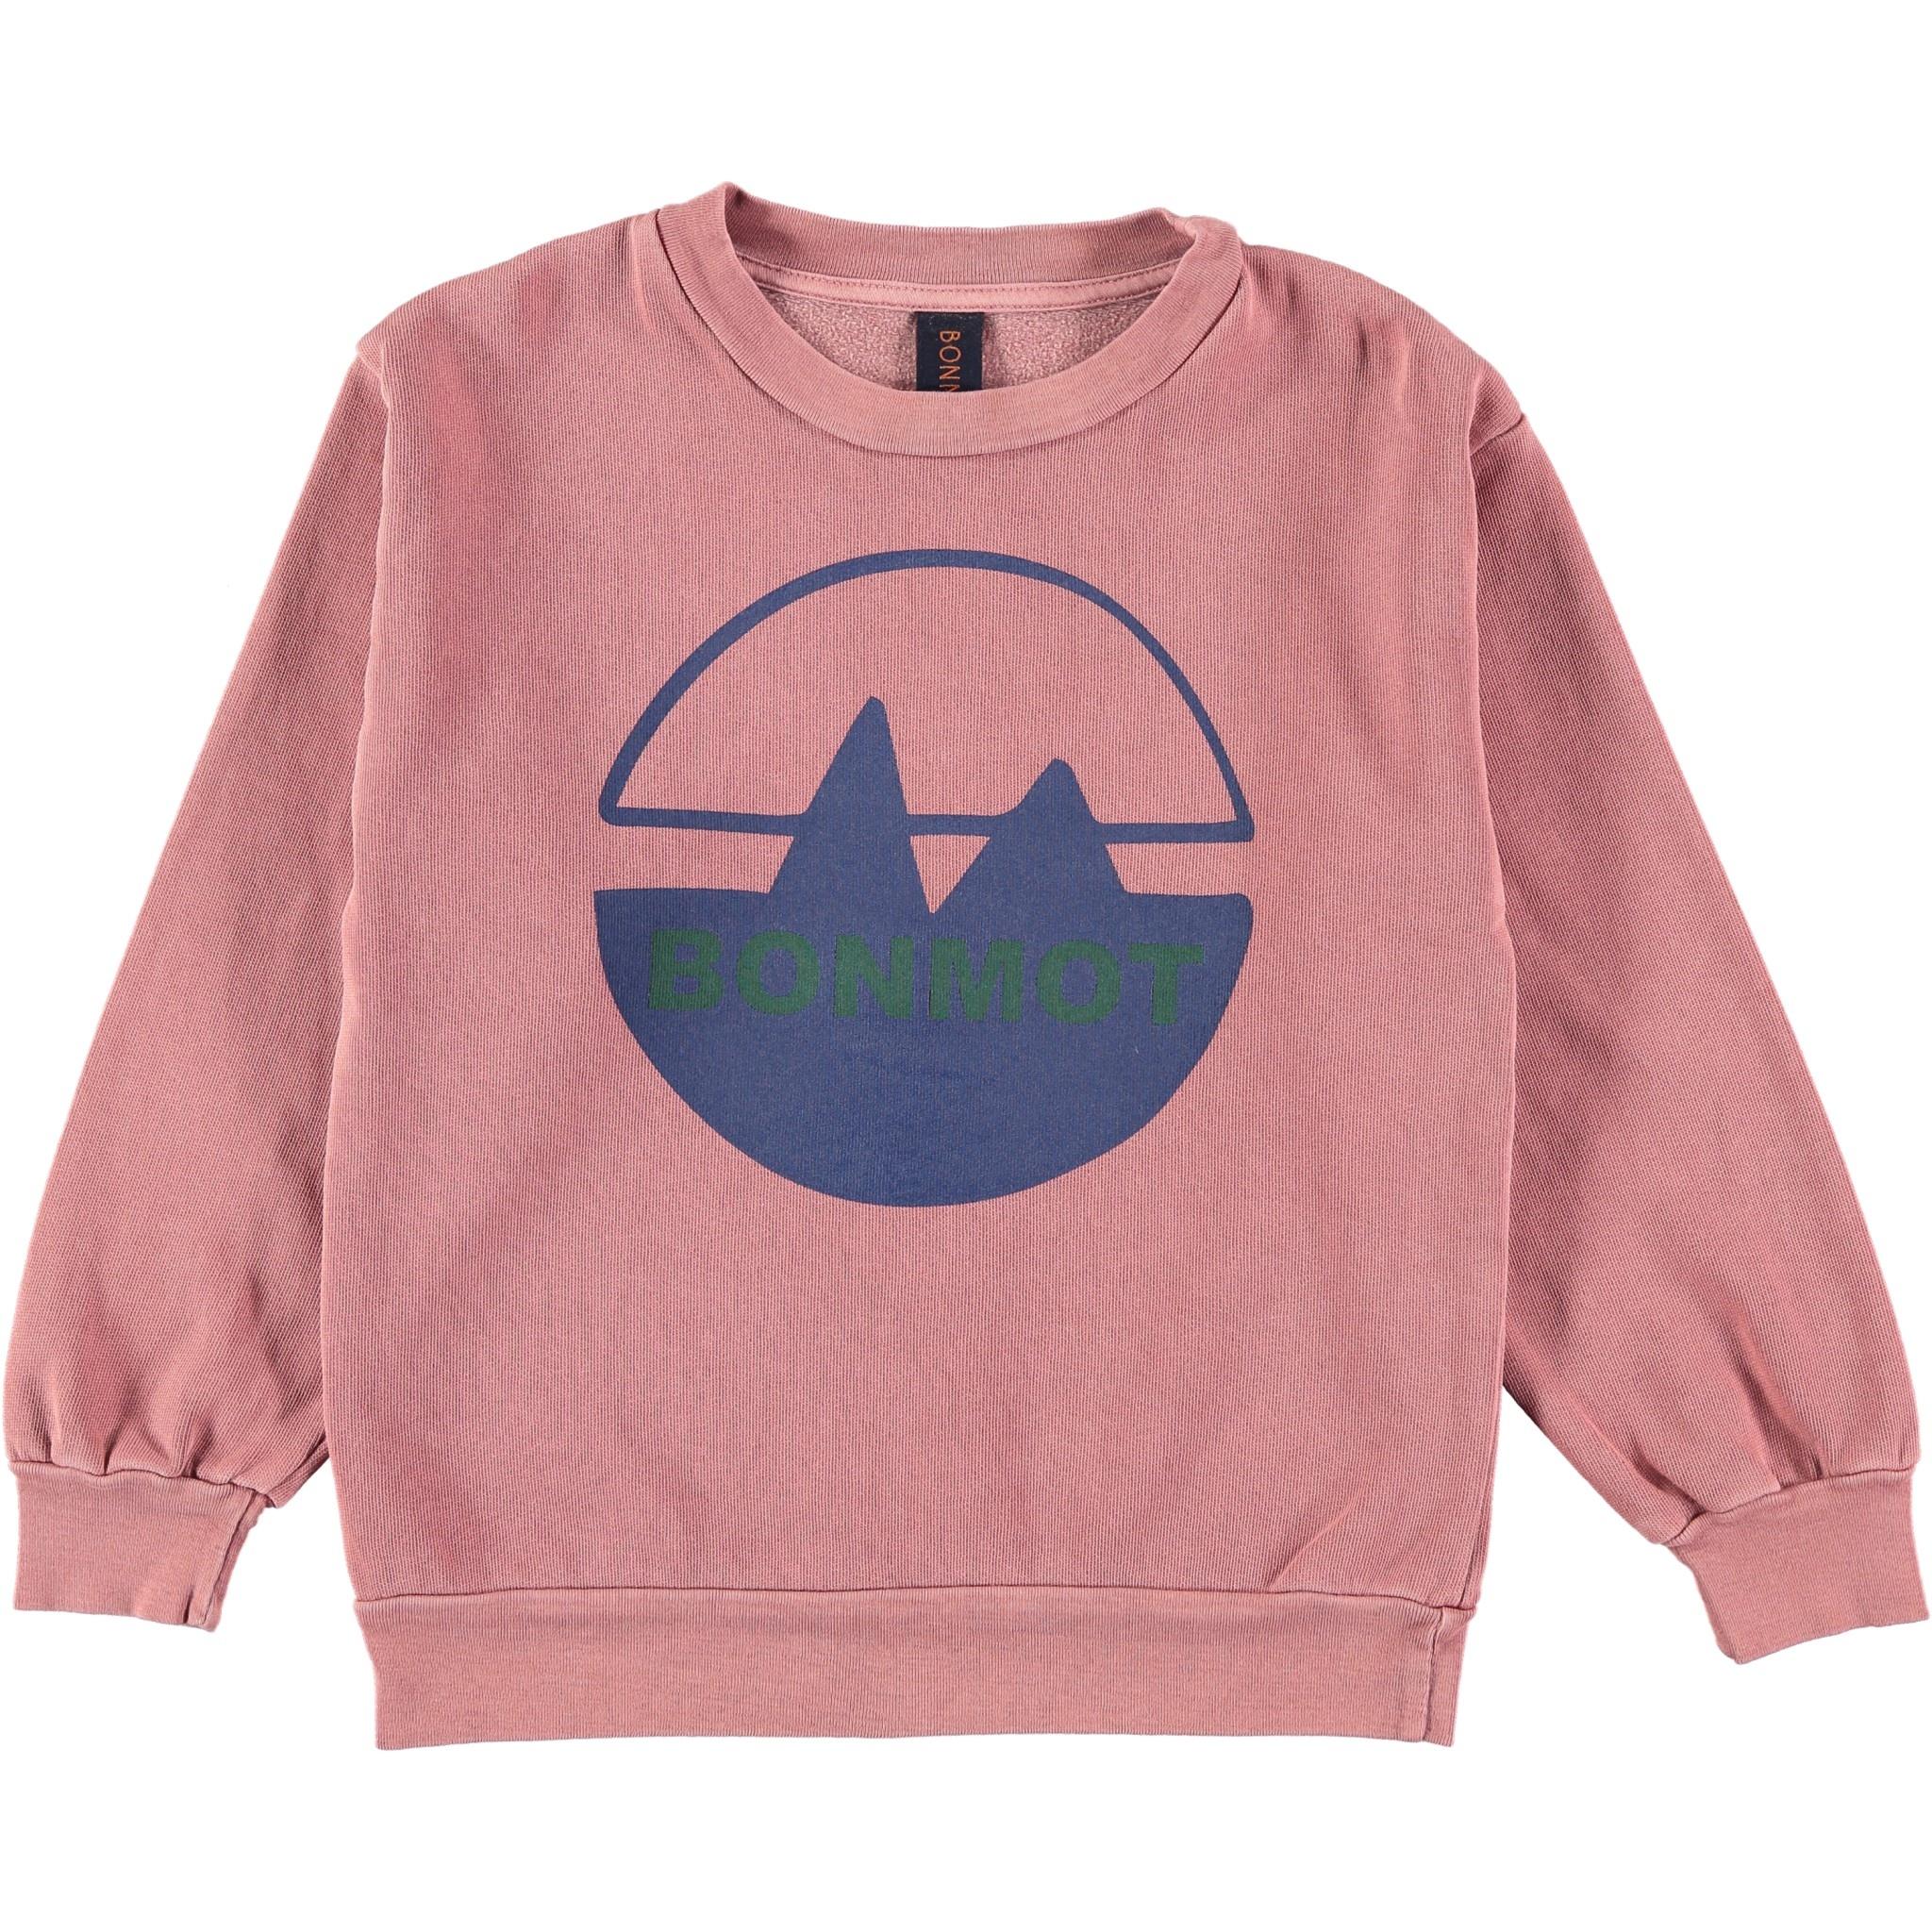 Sweatshirt bonmot mountain rust baby-1